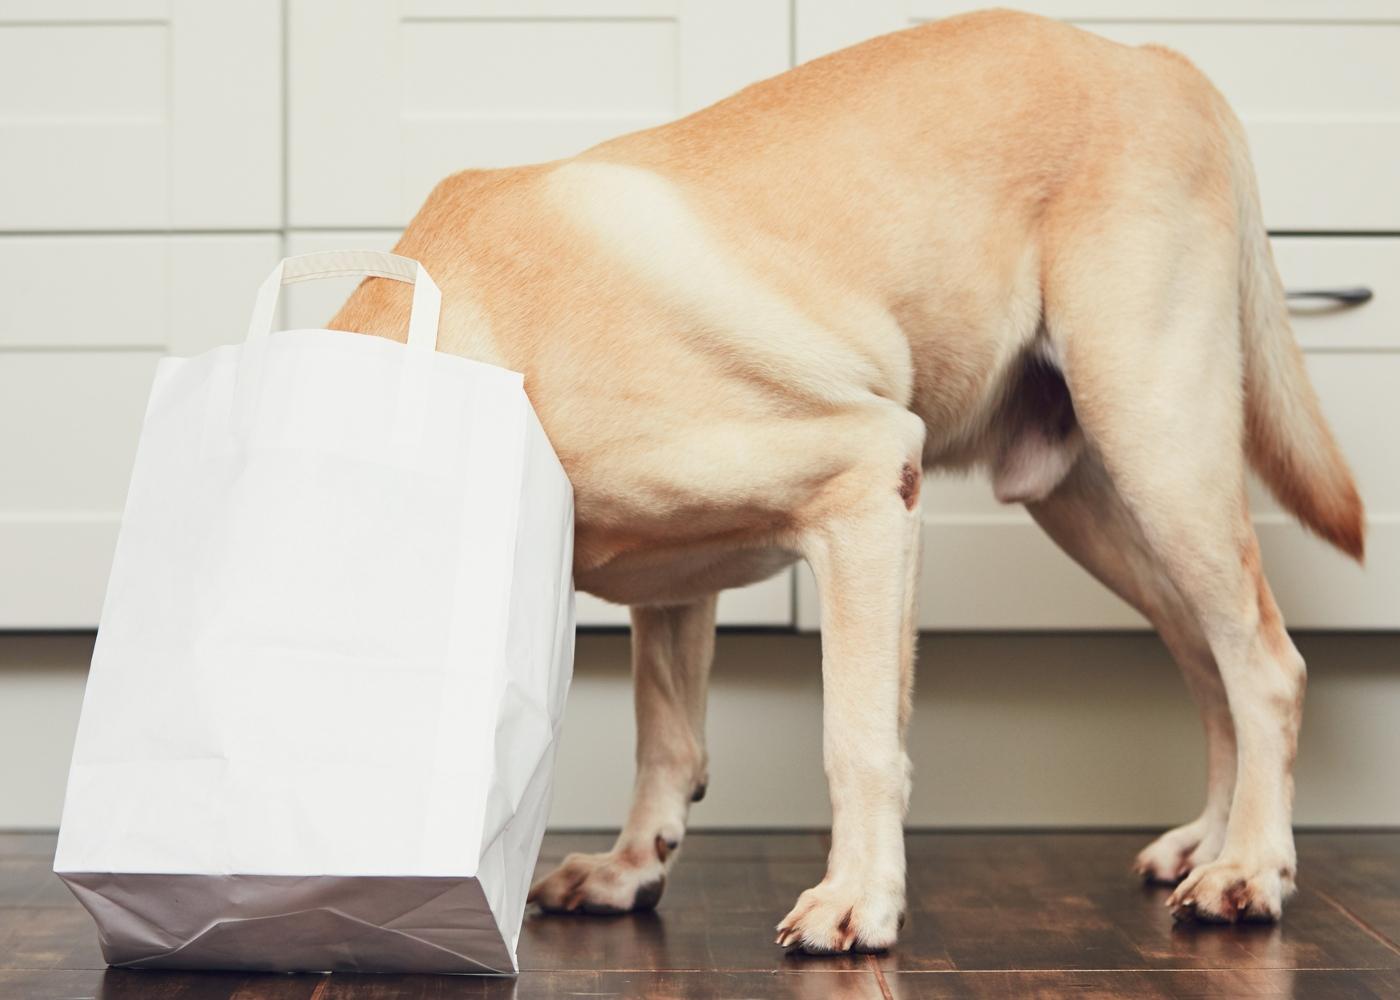 exercícios que pode fazer com o seu cão em casa: quebra-cabeças com comida